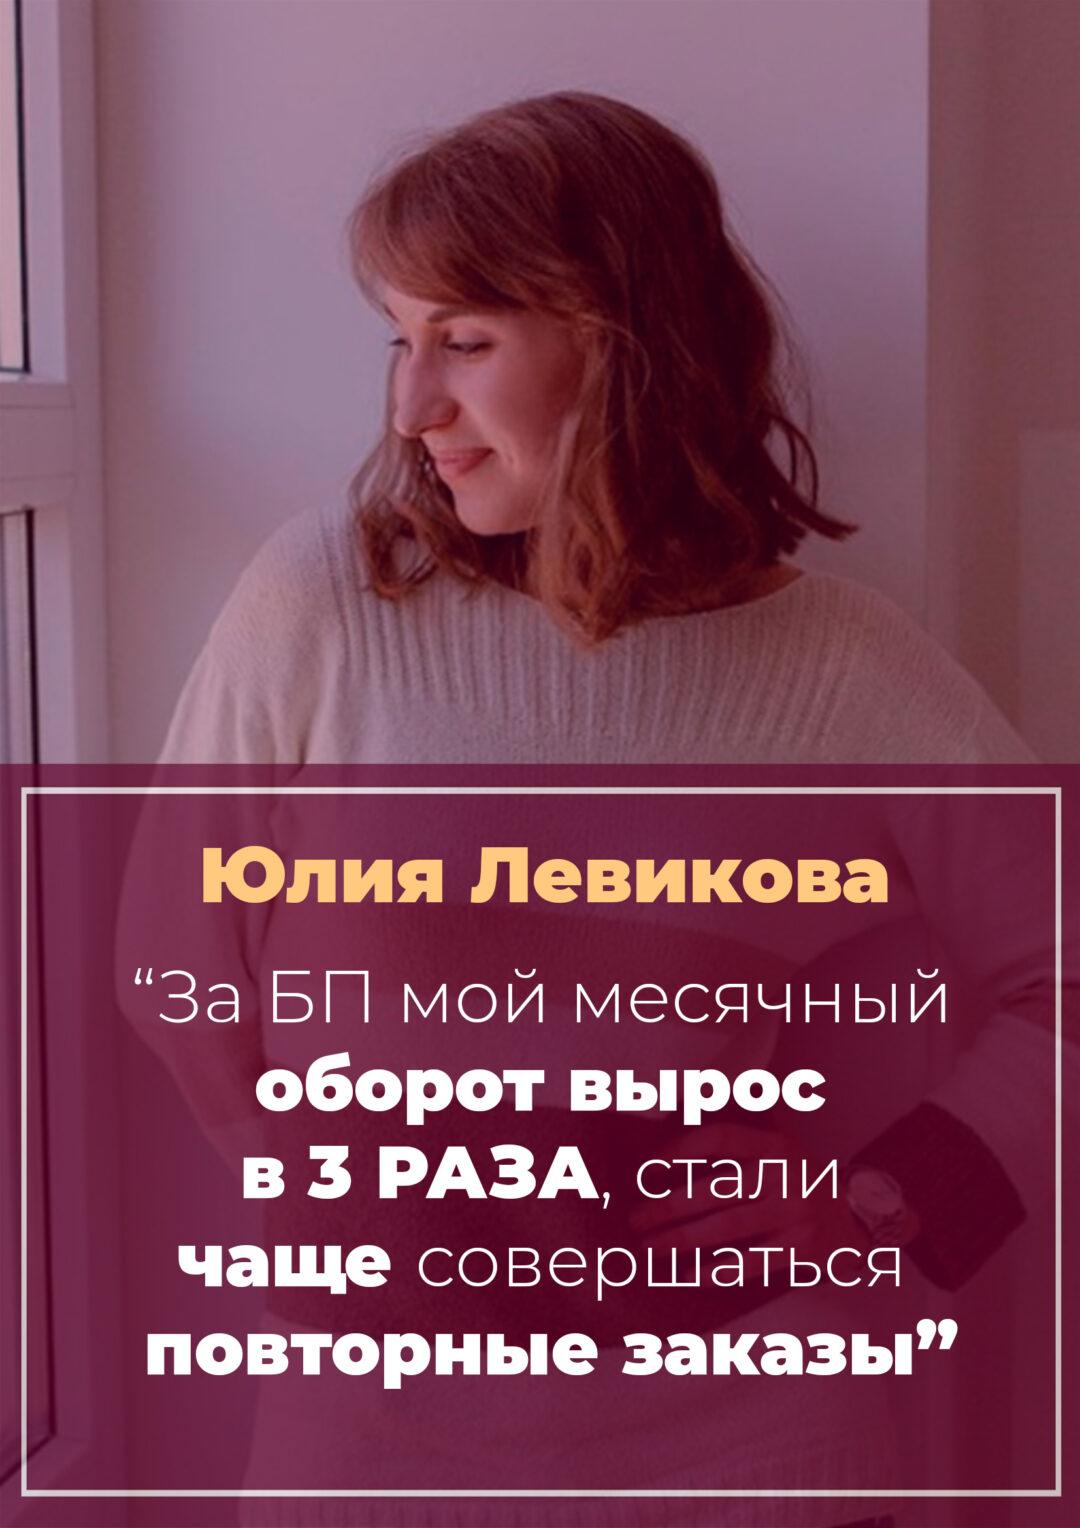 История Юлии Левиковой